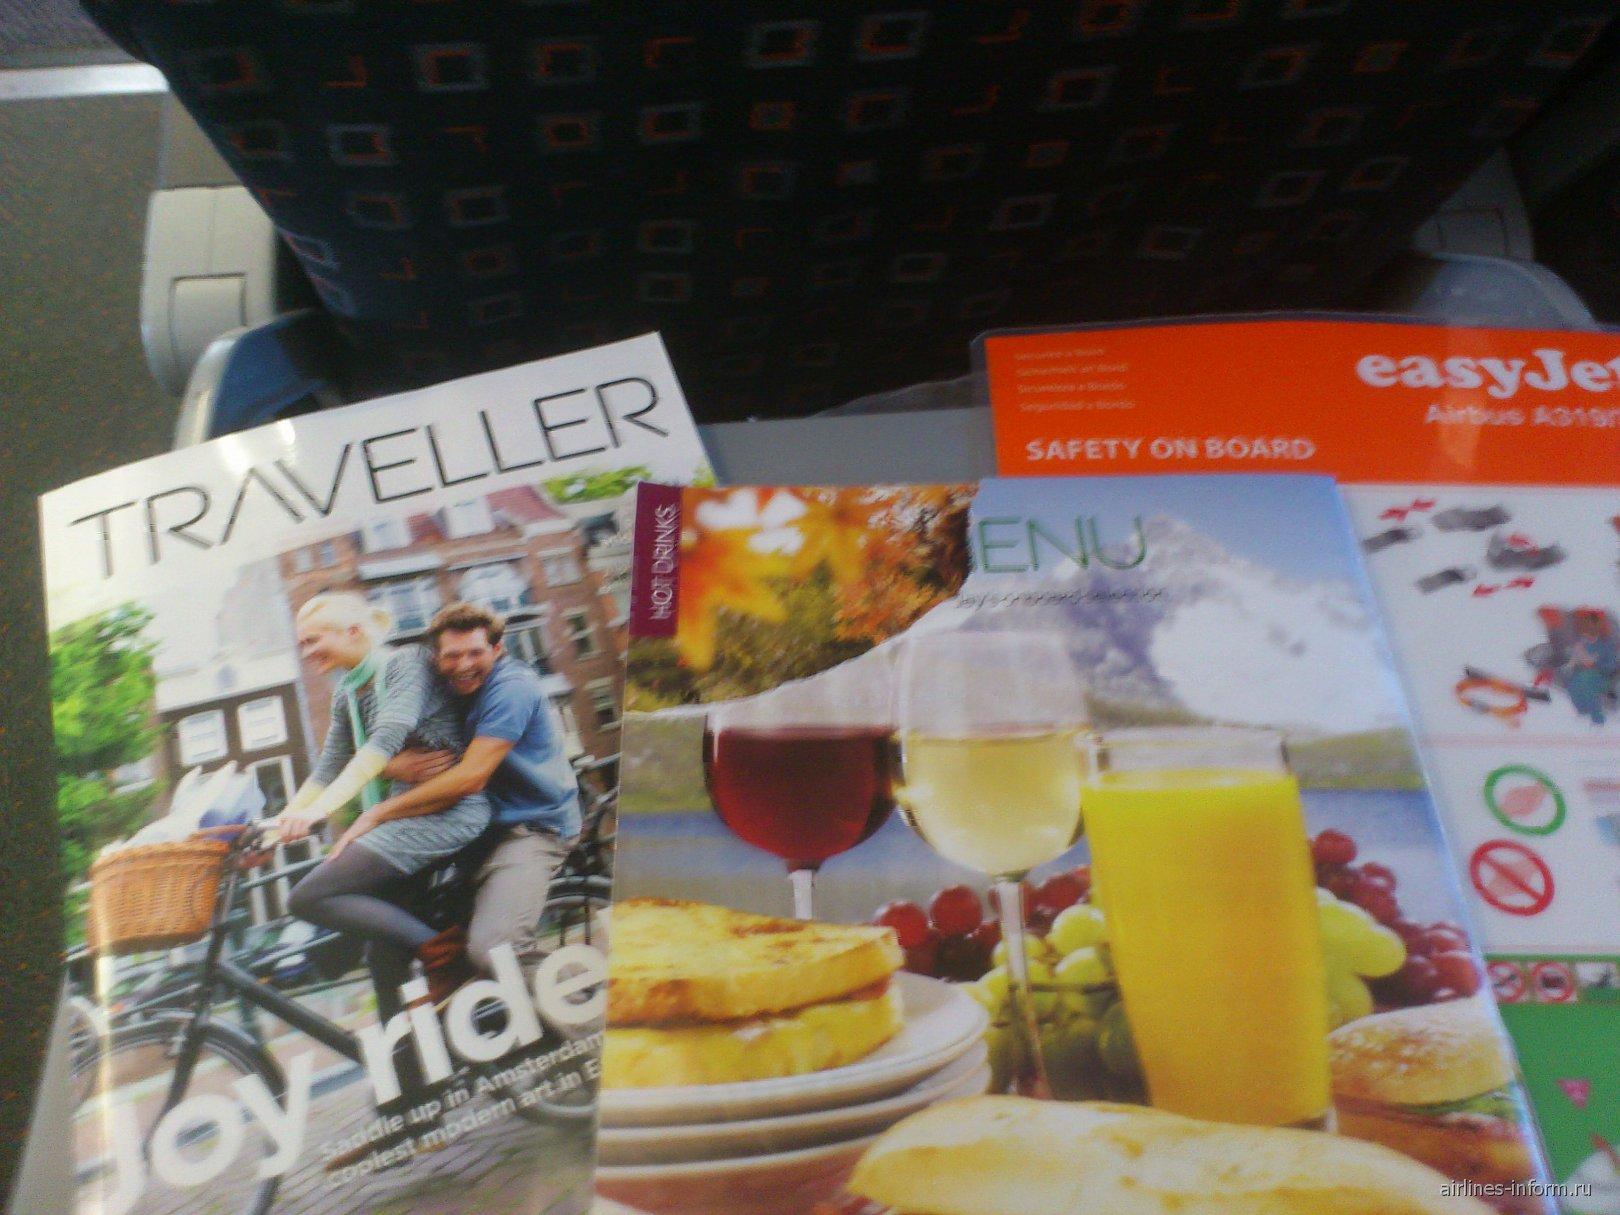 Журналы для пассажиров авиакомпании easyJet